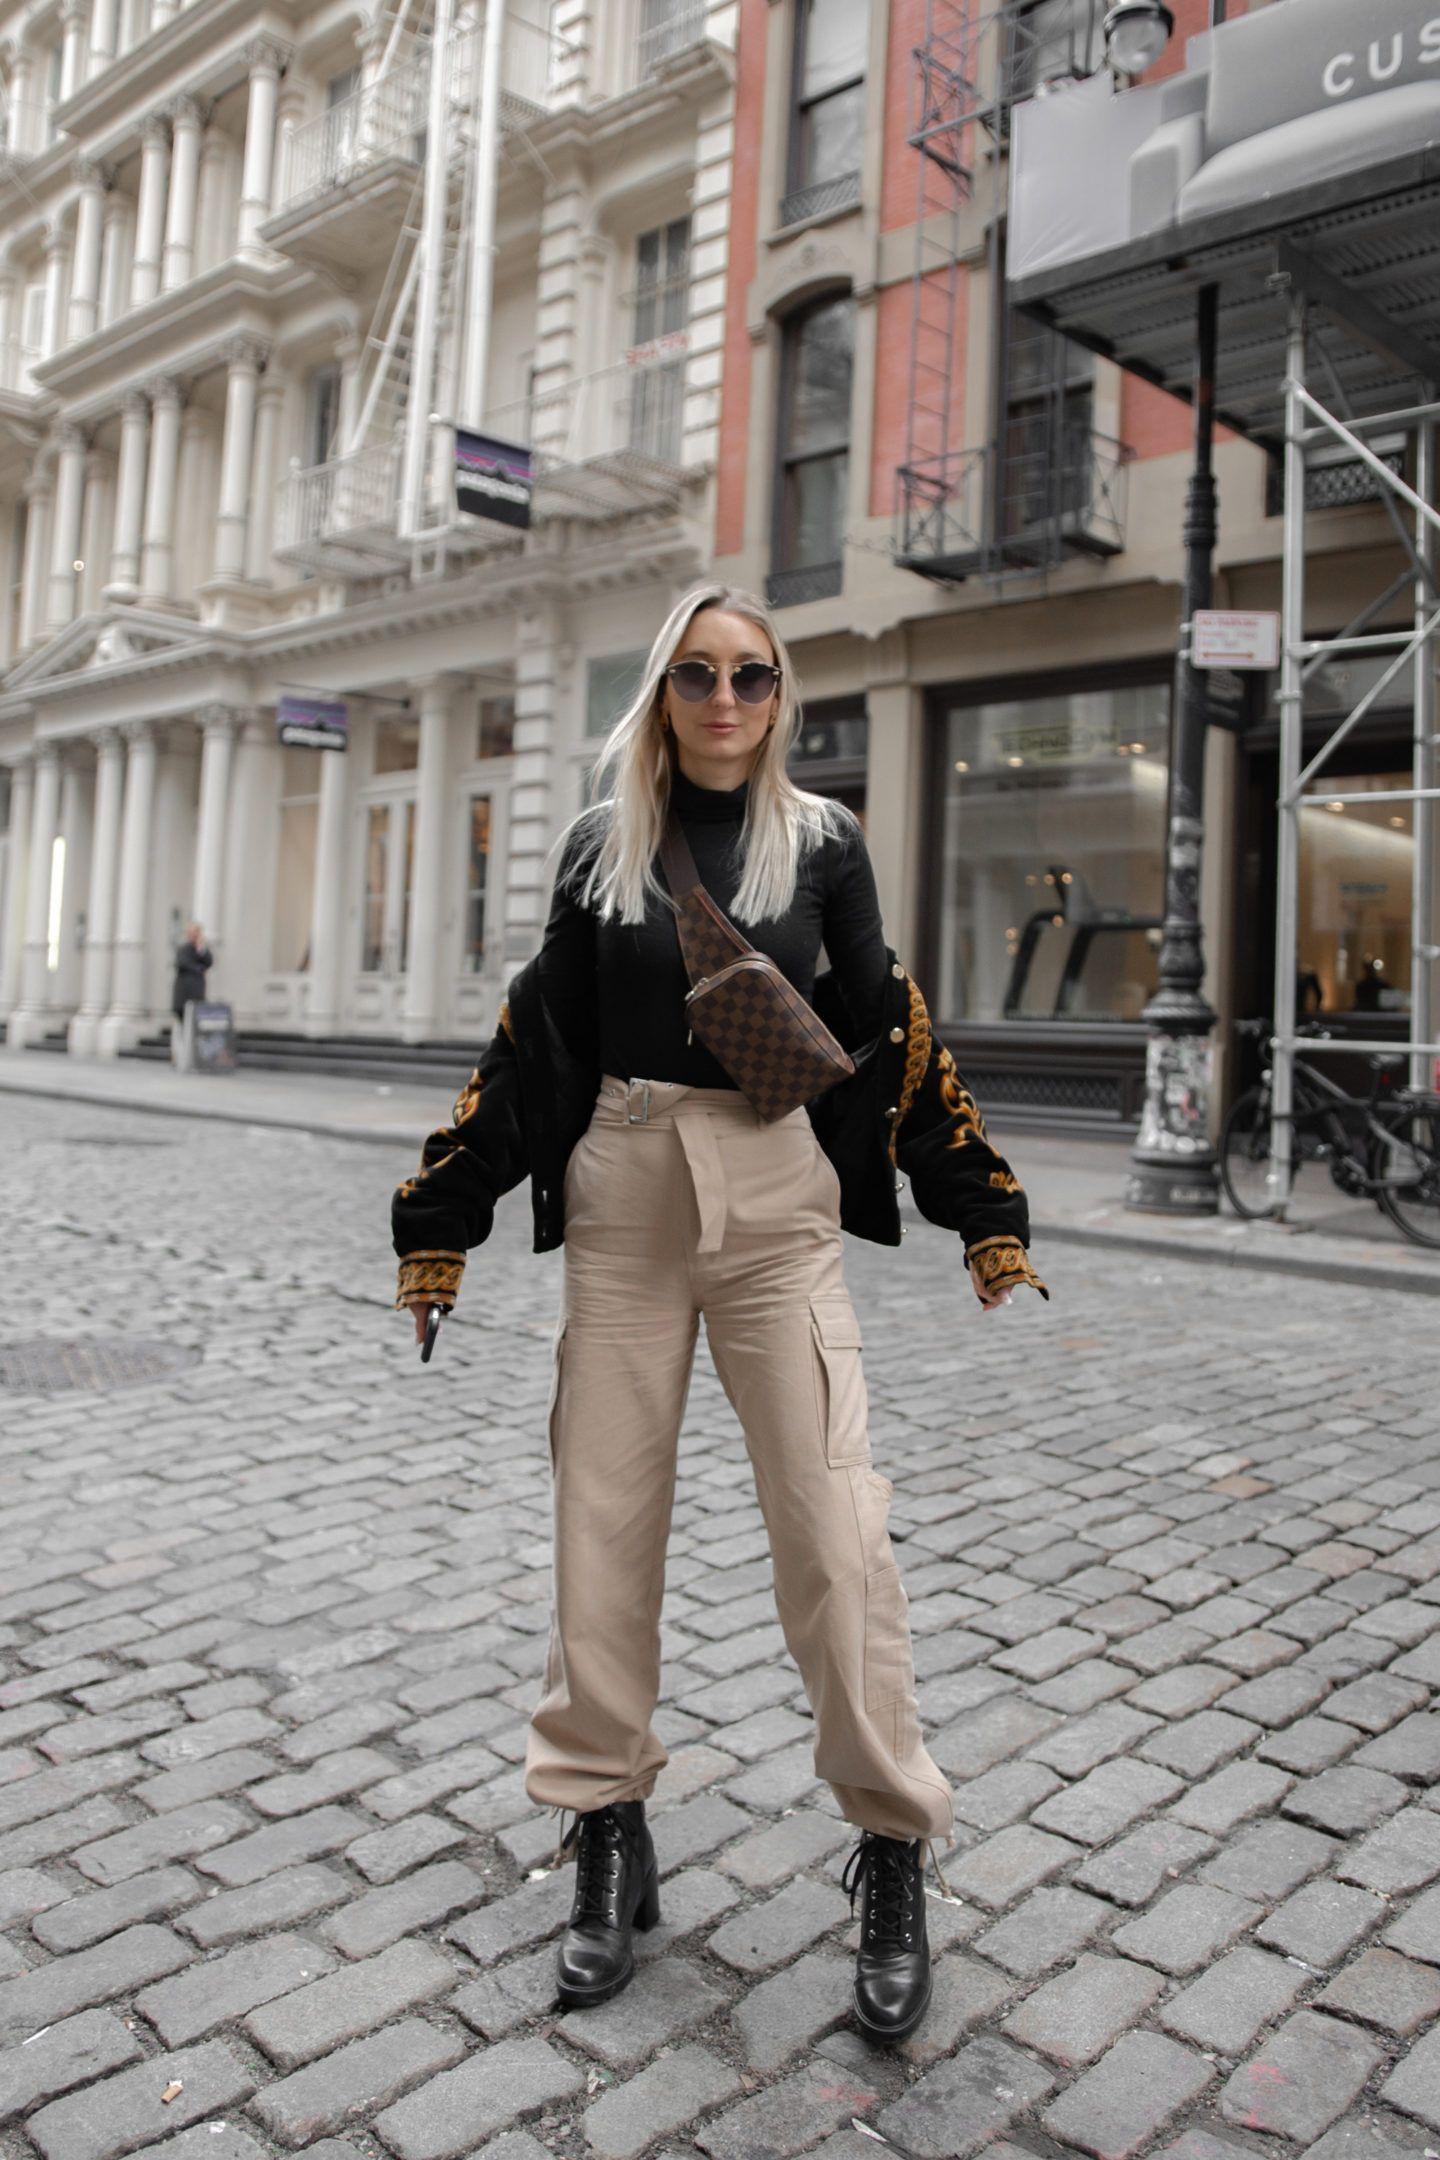 Cargo Pants, NYFW Street Style - Chiara | Nyfw street style, Cargo pants outfit, Cargo pants